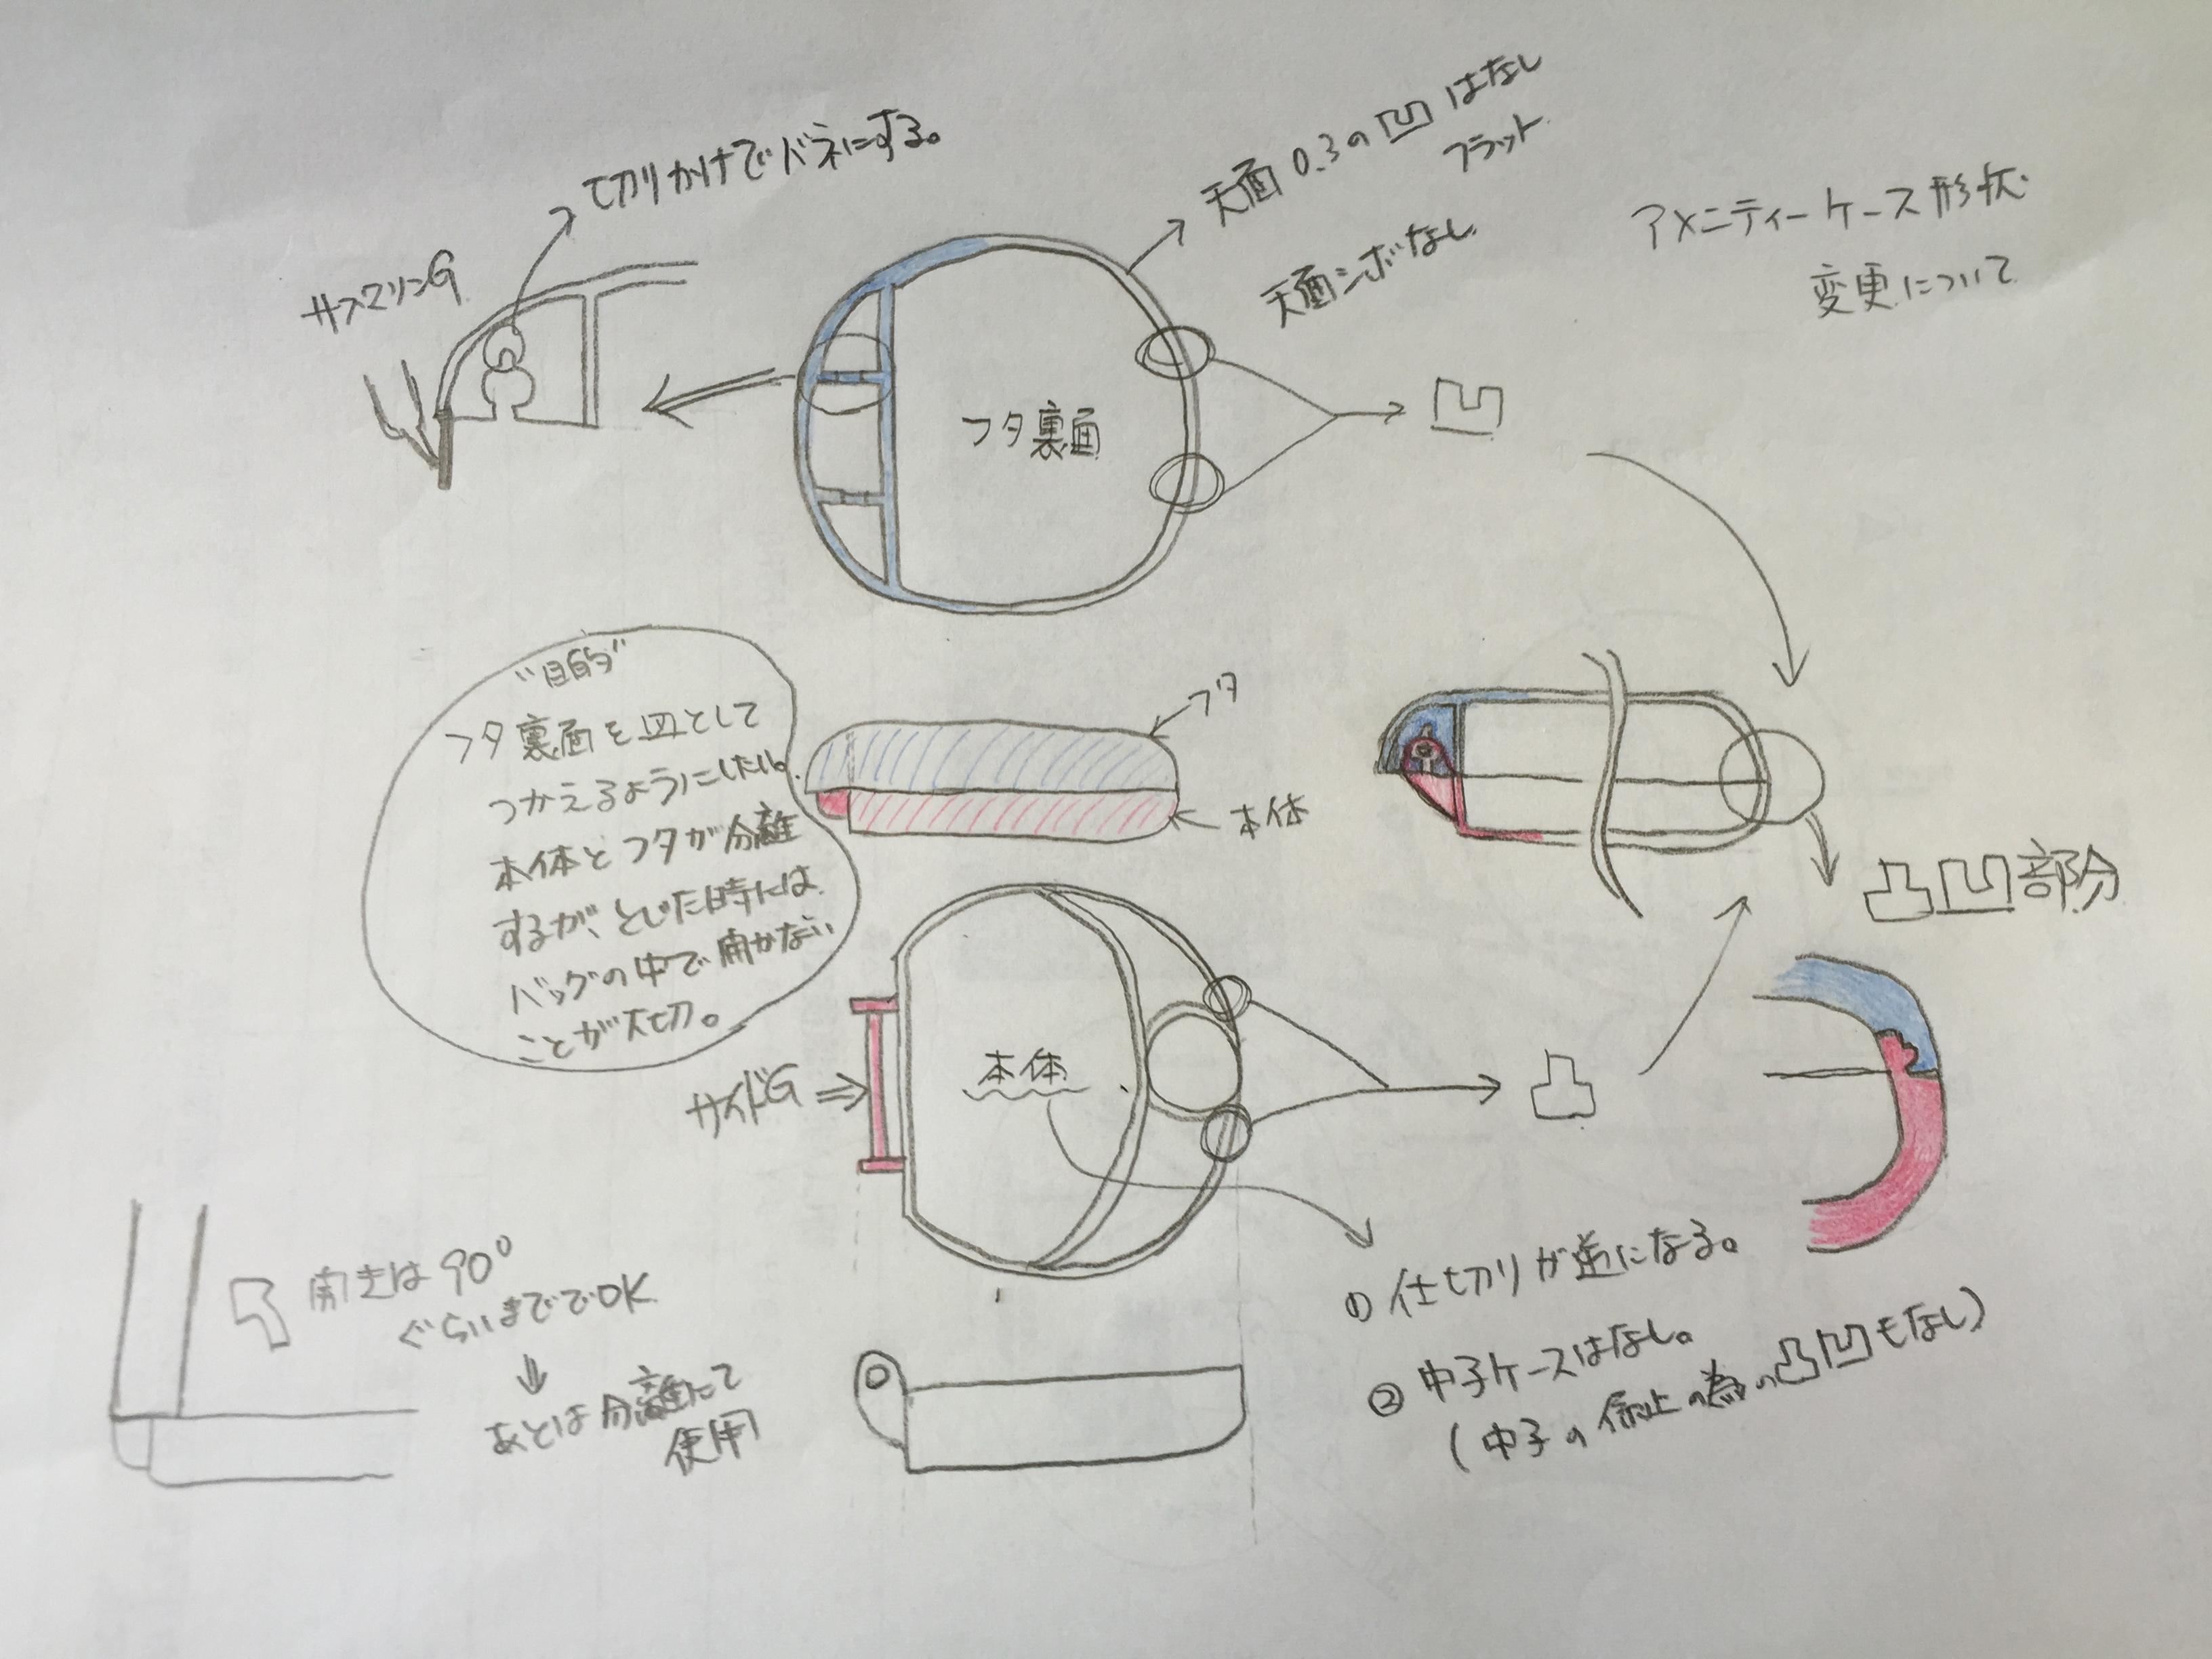 syouhinkaihatu_zuan